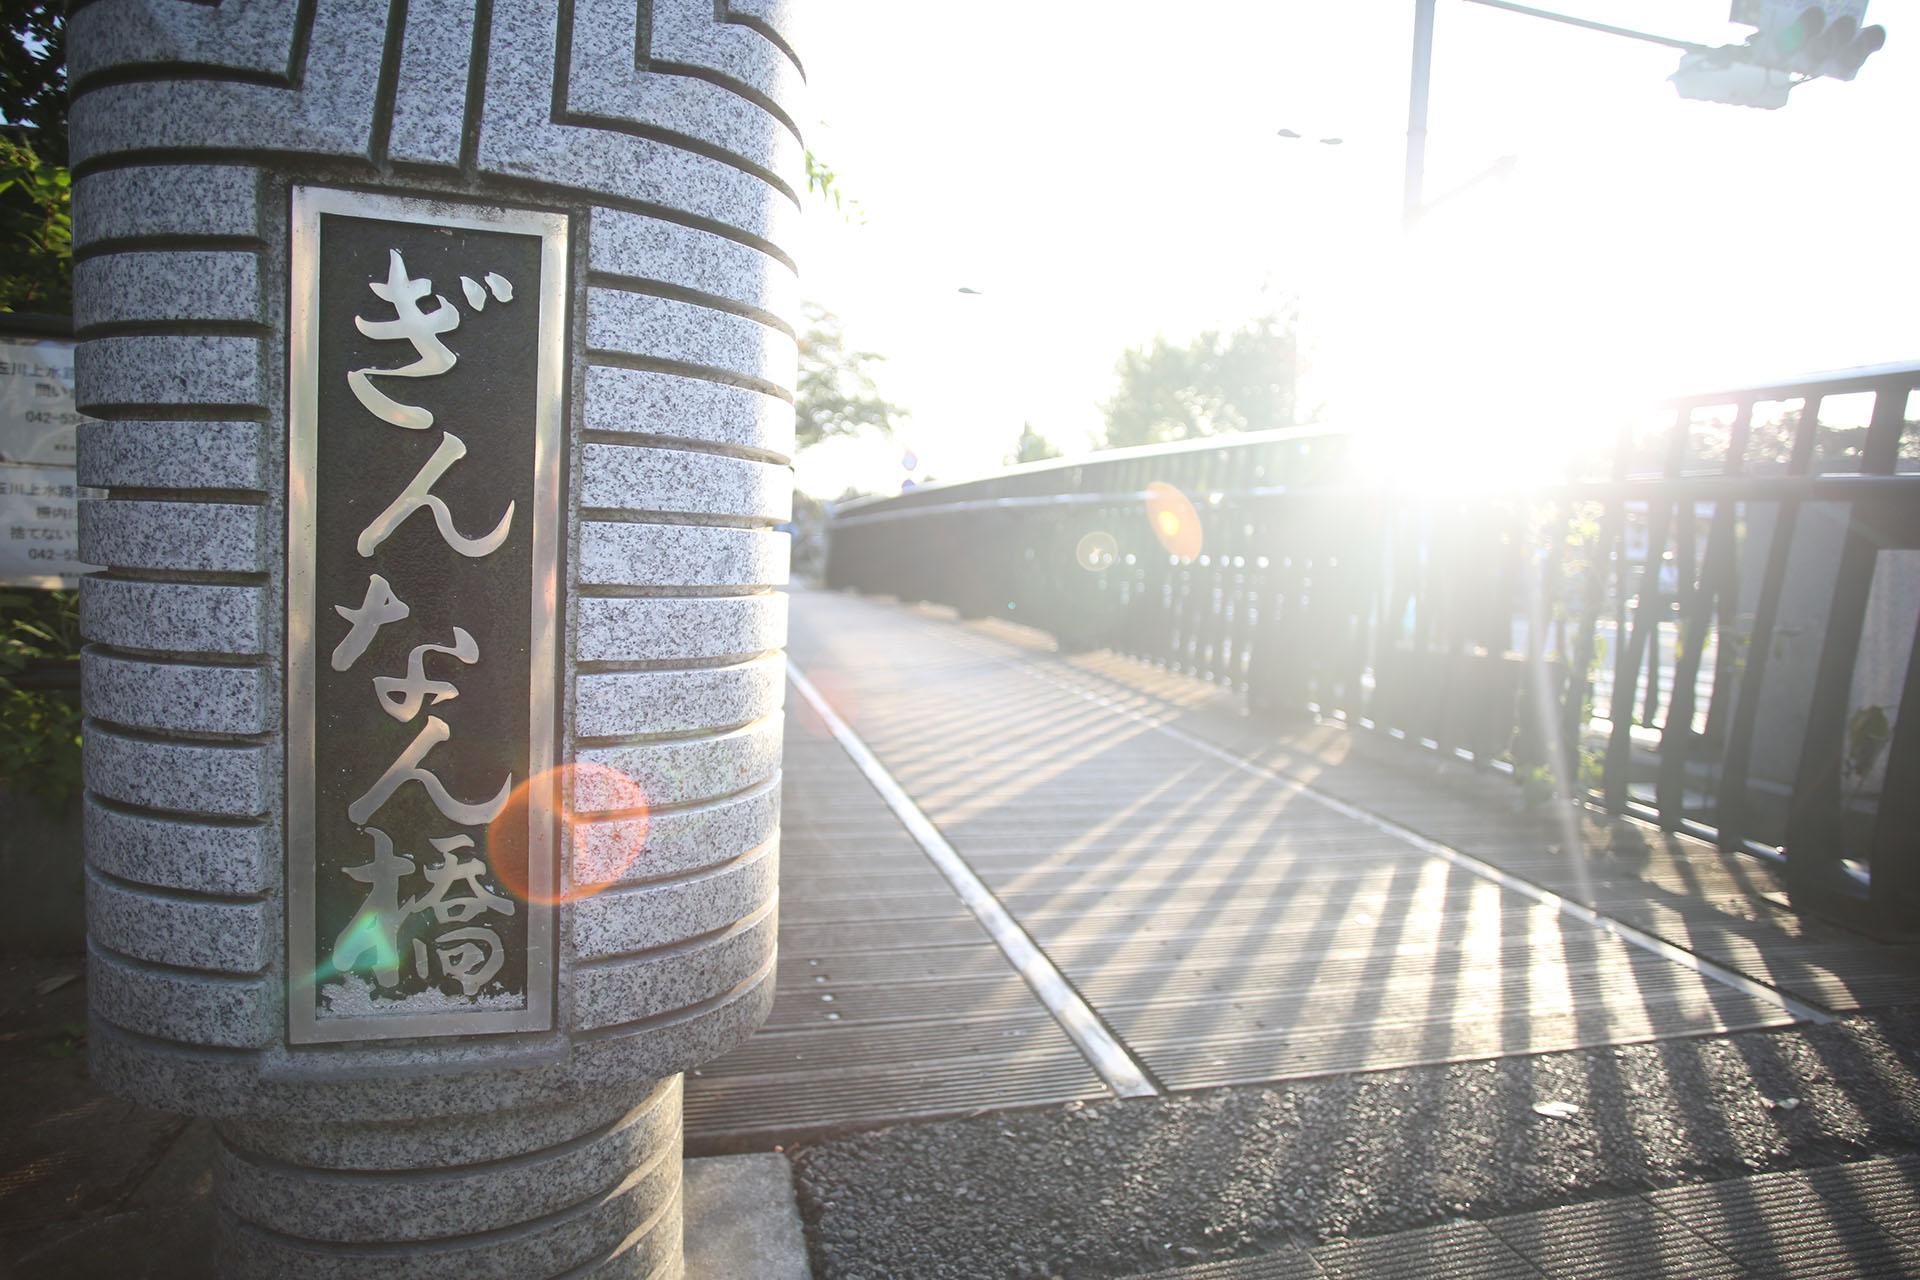 武蔵野競技場線跡 堀合遊歩道 Canon EOS 5D MarkIII